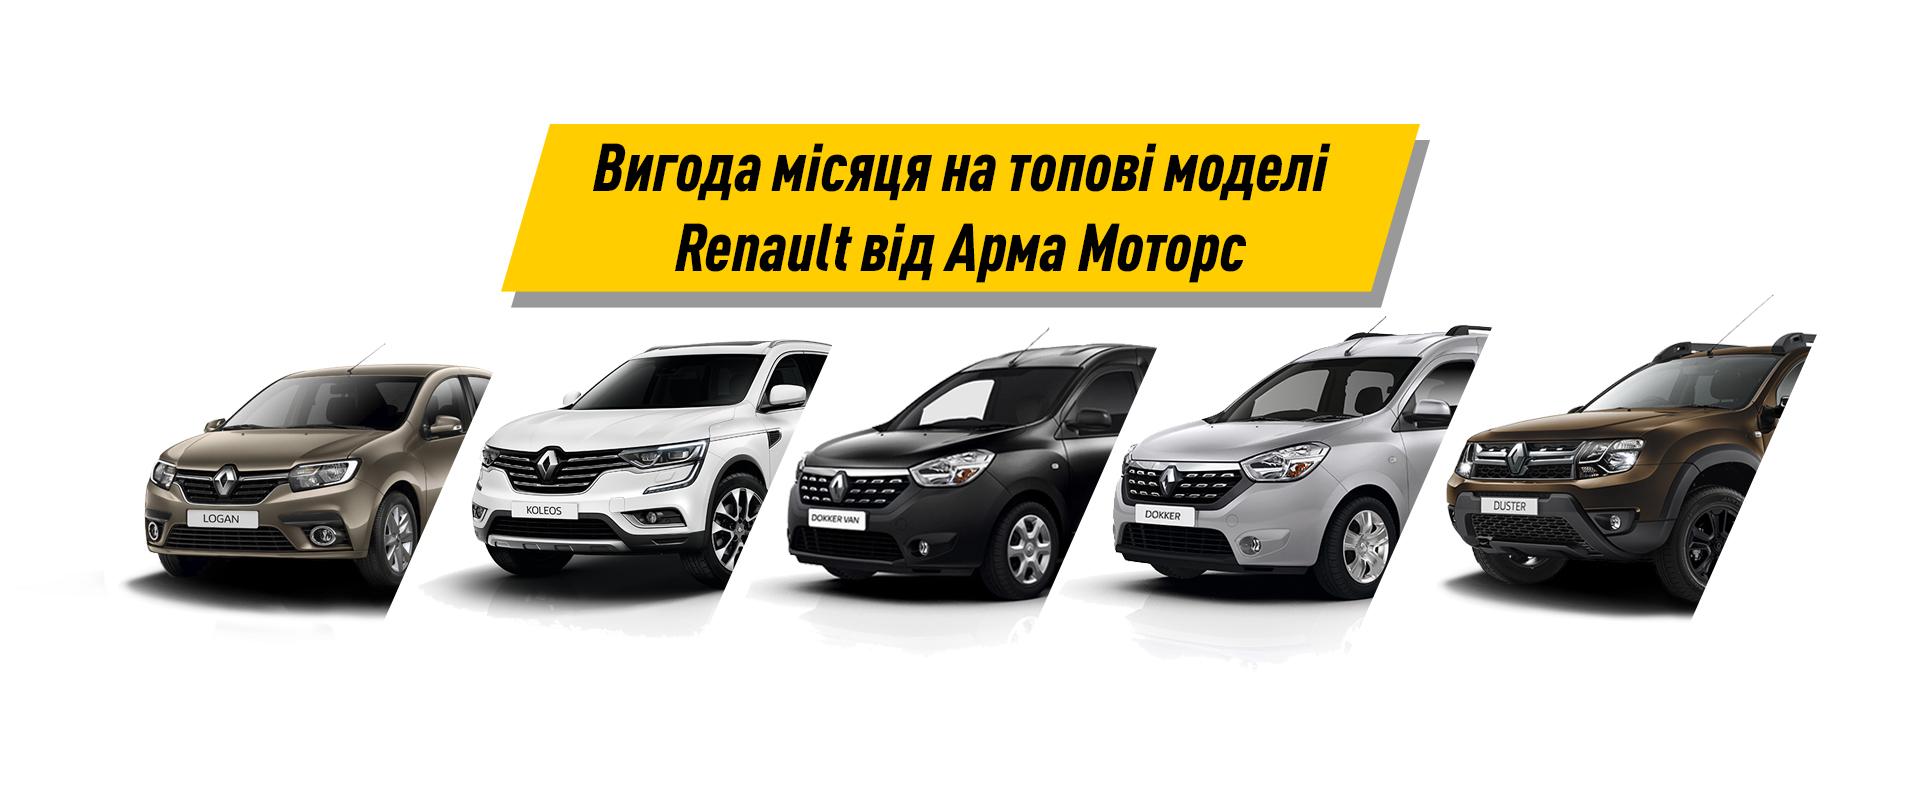 Выгода месяца на топовые модели Renault от Арма Моторс